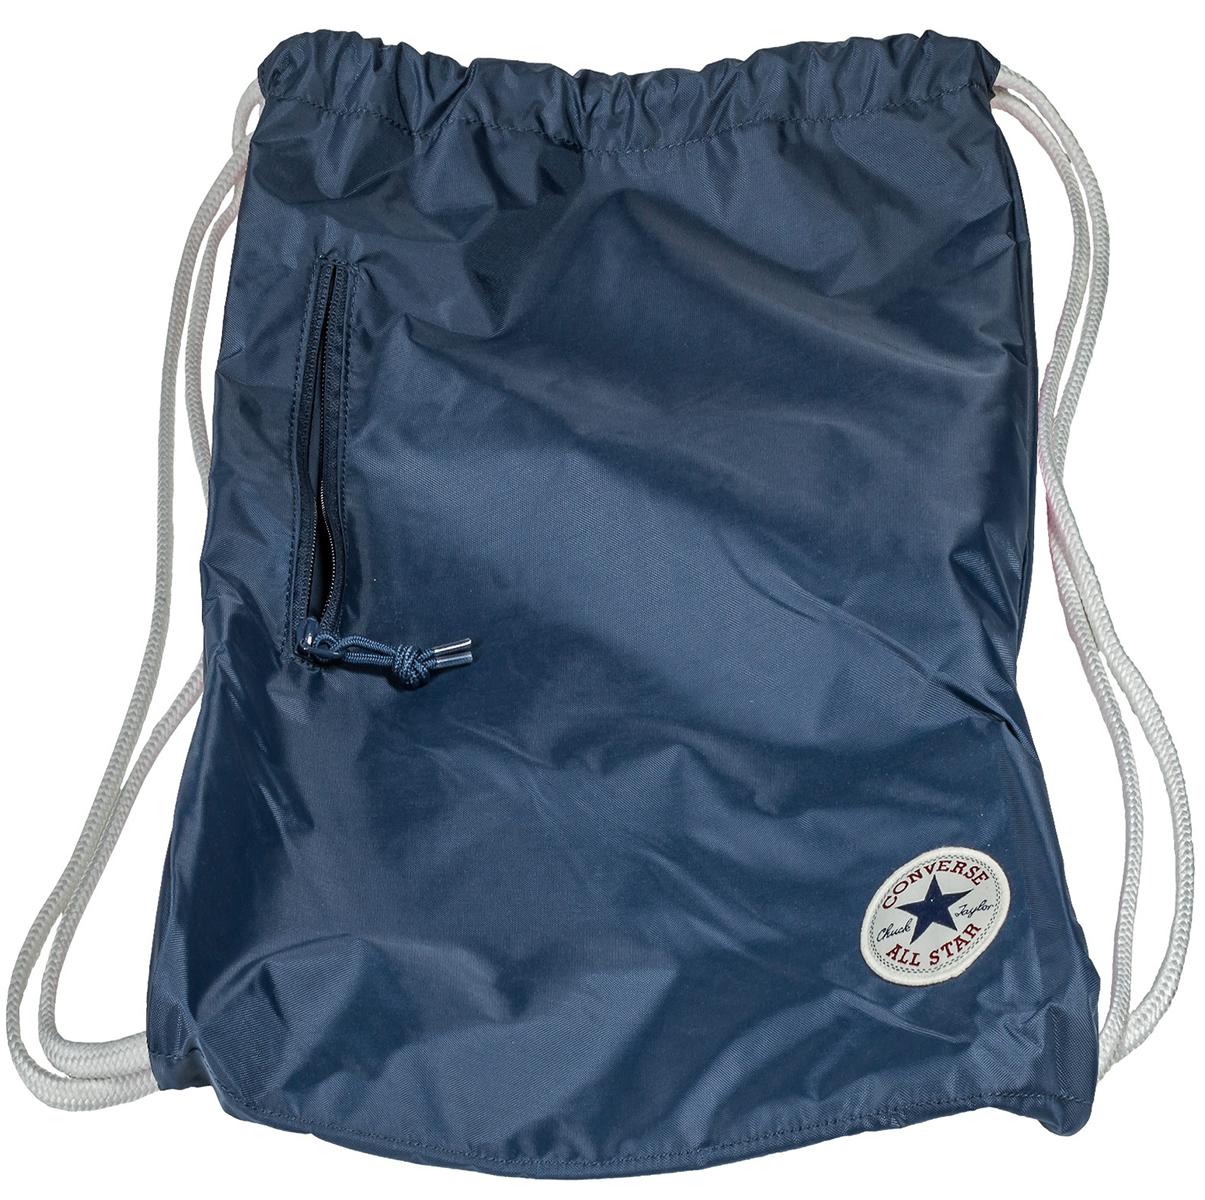 Рюкзак Converse, цвет: синий. 10003340410BM8434-58AEСпортивный рюкзак Converse выполнен из текстиля. Модель с одним отделением на затягивающемся шнурке и тонких лямках.